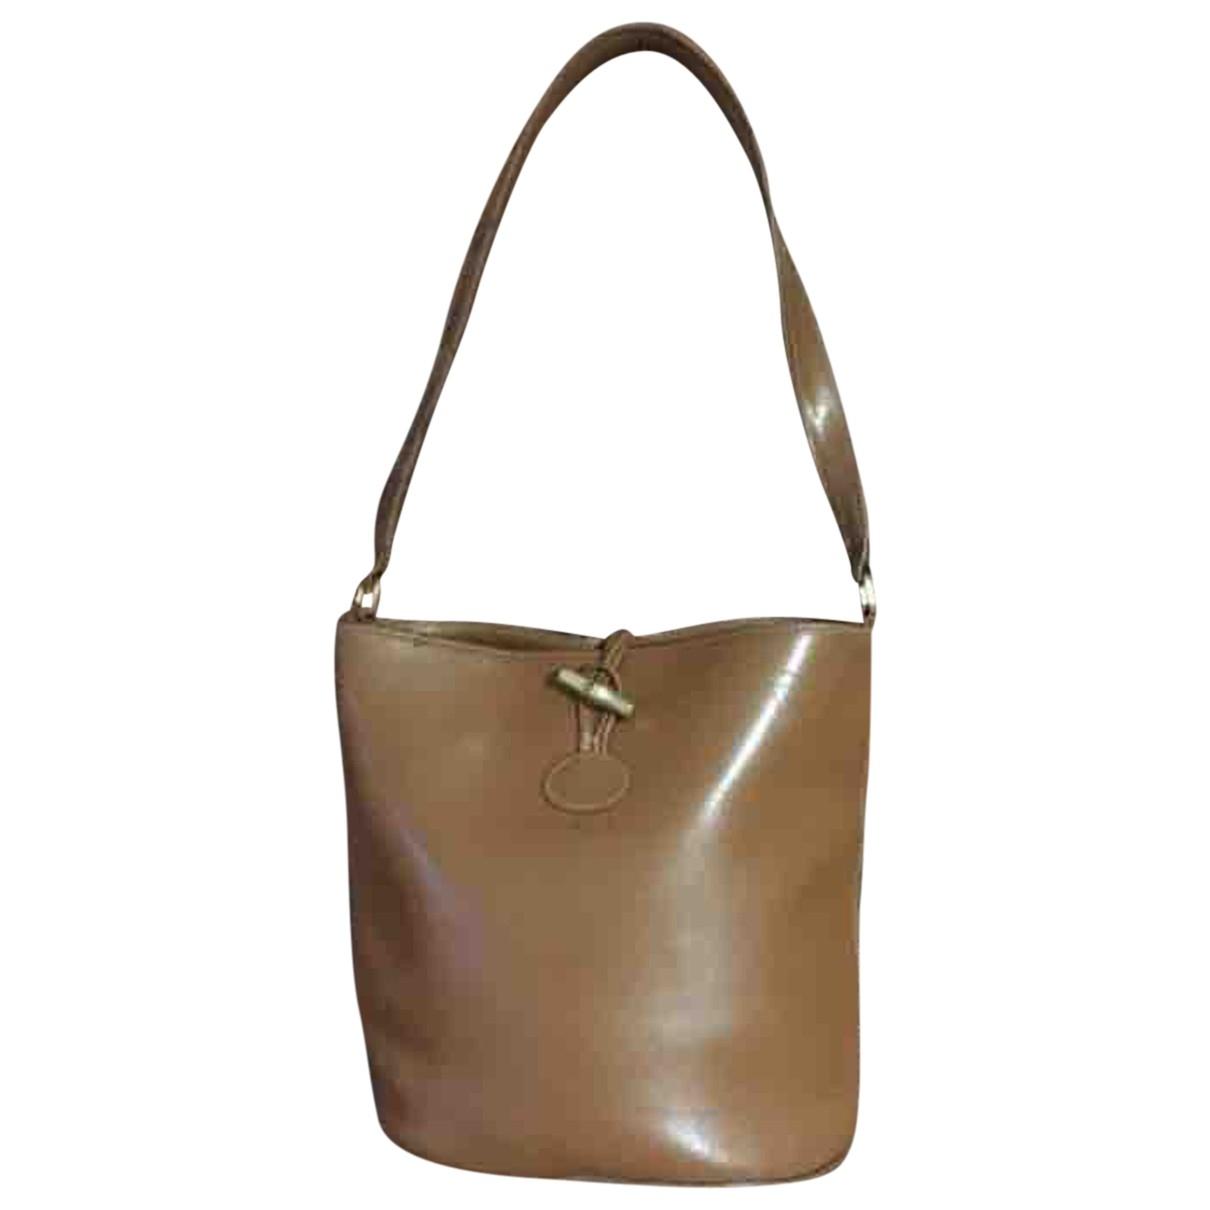 Longchamp \N Camel Leather handbag for Women \N